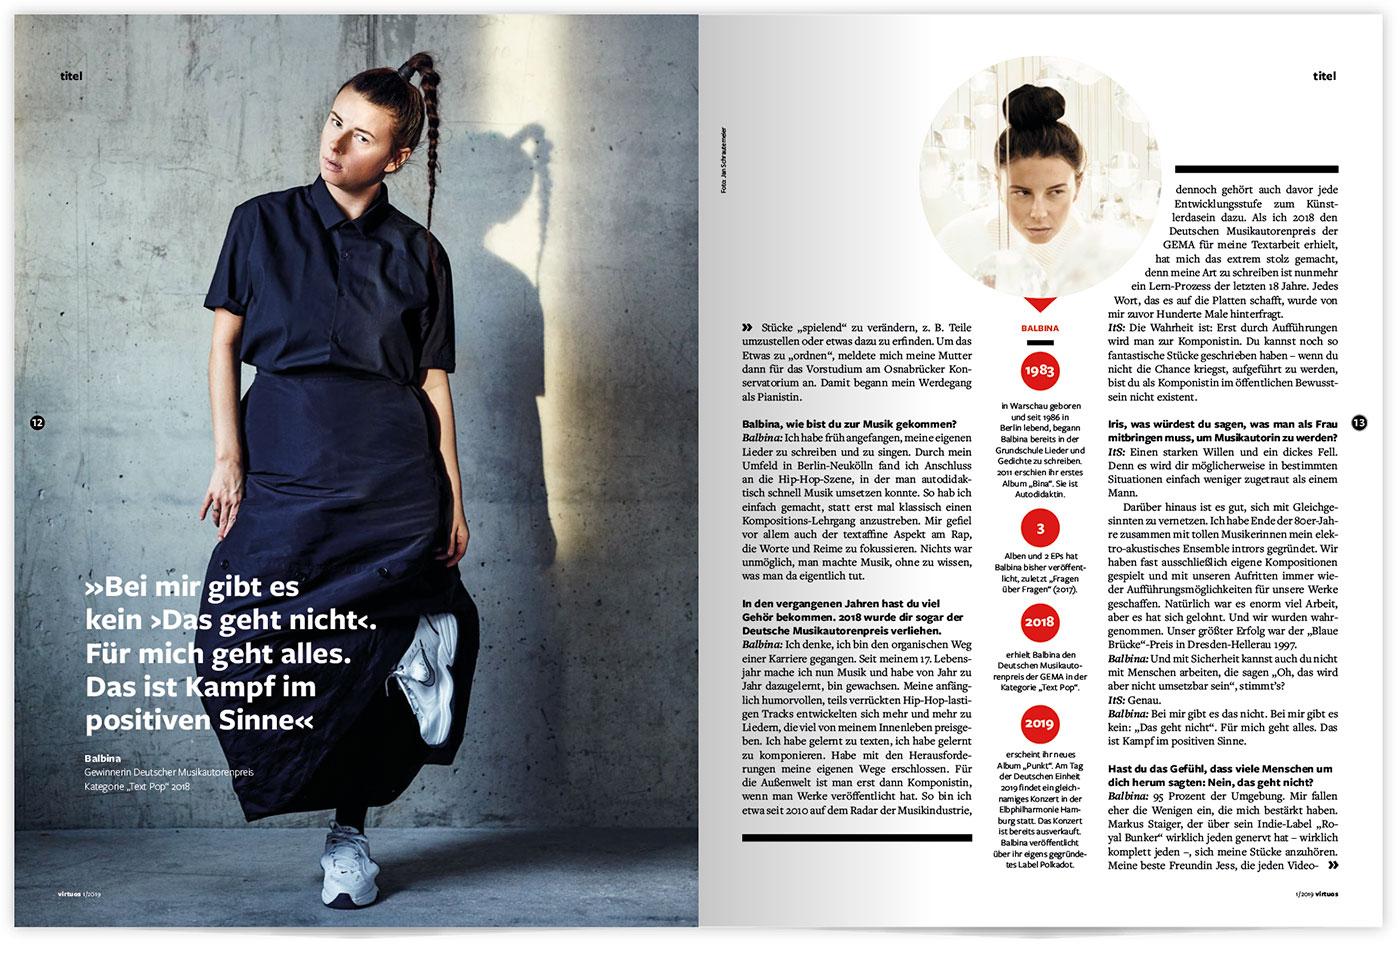 GEMA virtuos Magazin | 2019 Patrick Weseloh | weseloh.media | im Auftrag für einhorn solutions